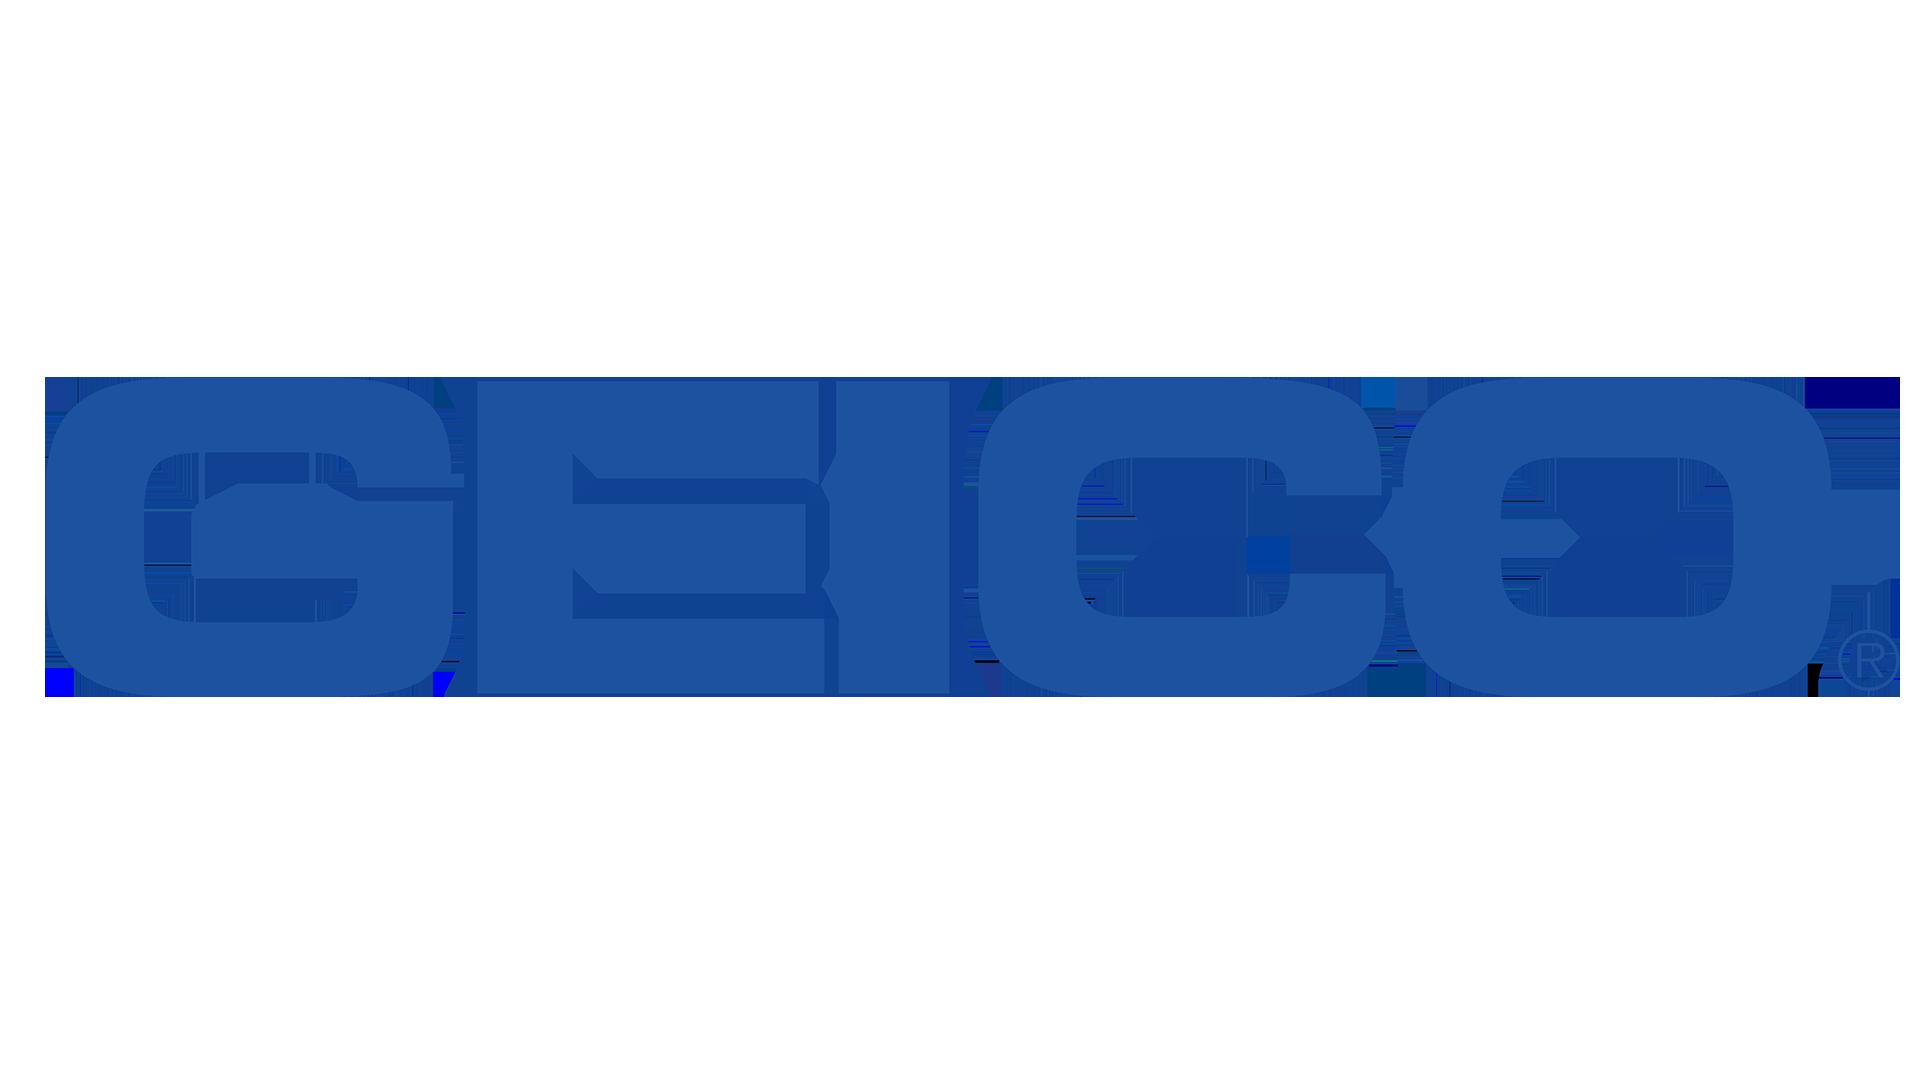 https://hvamaudio.com/wp-content/uploads/2020/01/GEICO-Logo.png